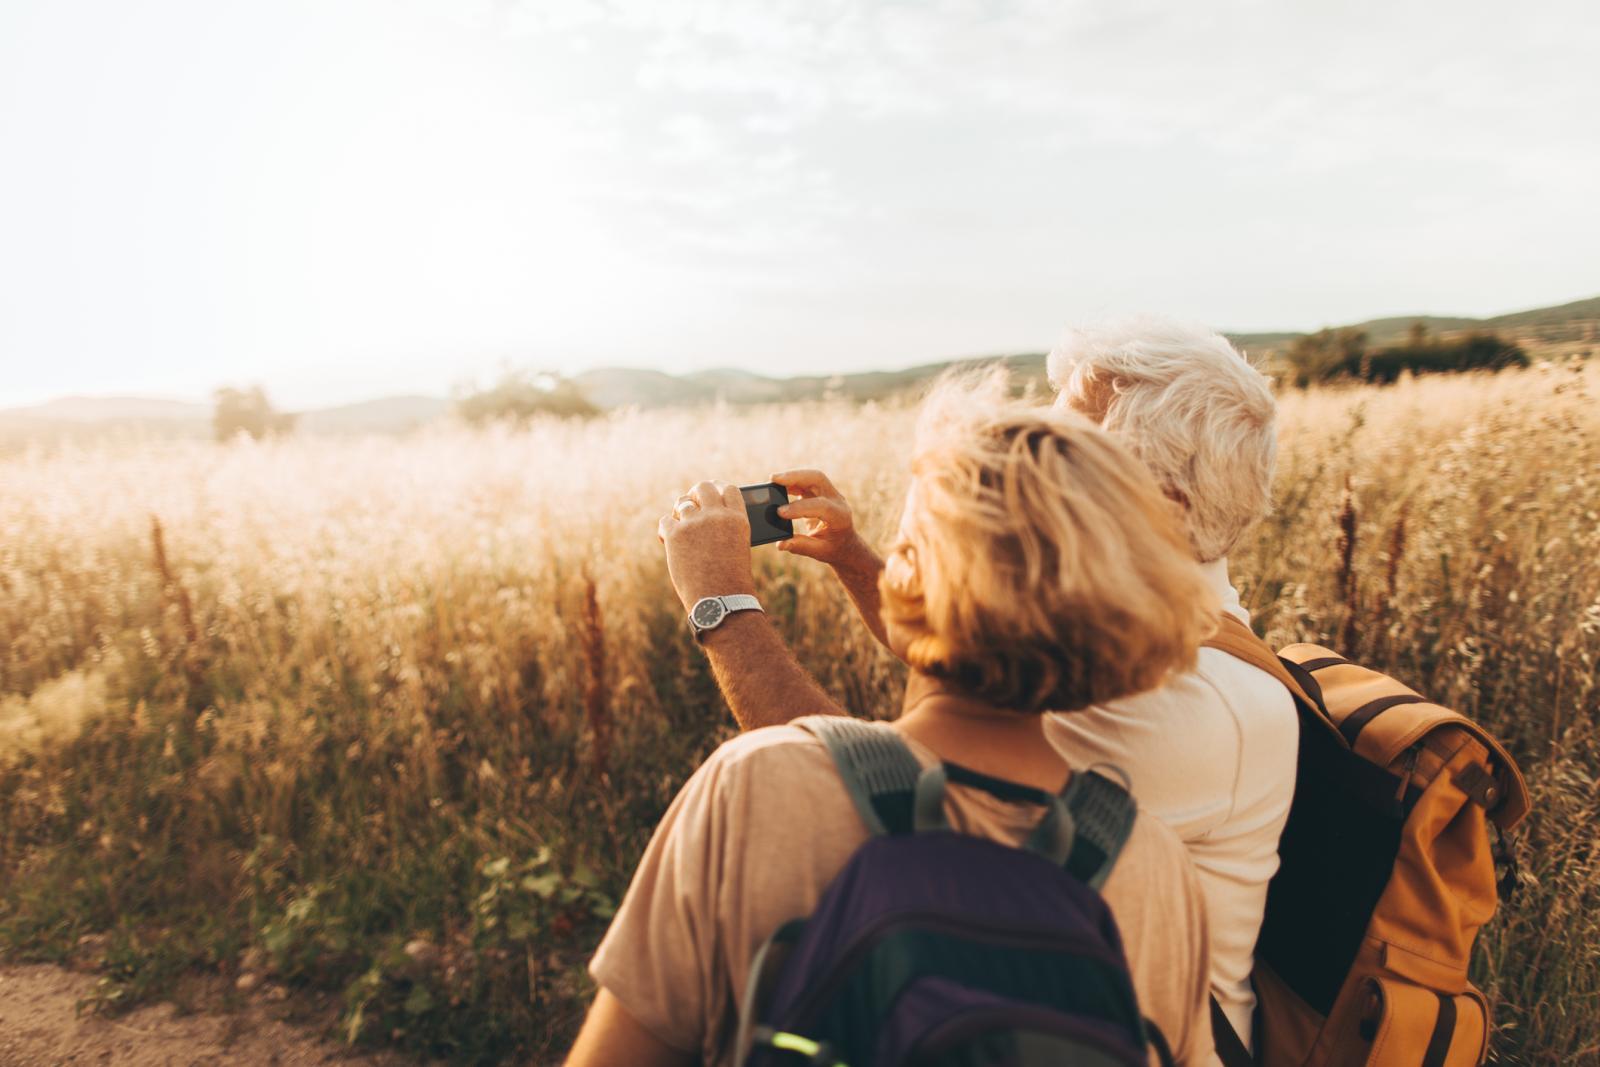 Za vrijeme šetnje prirodom bilo bi bolje da mobitel ipak ostavite kod kuće.